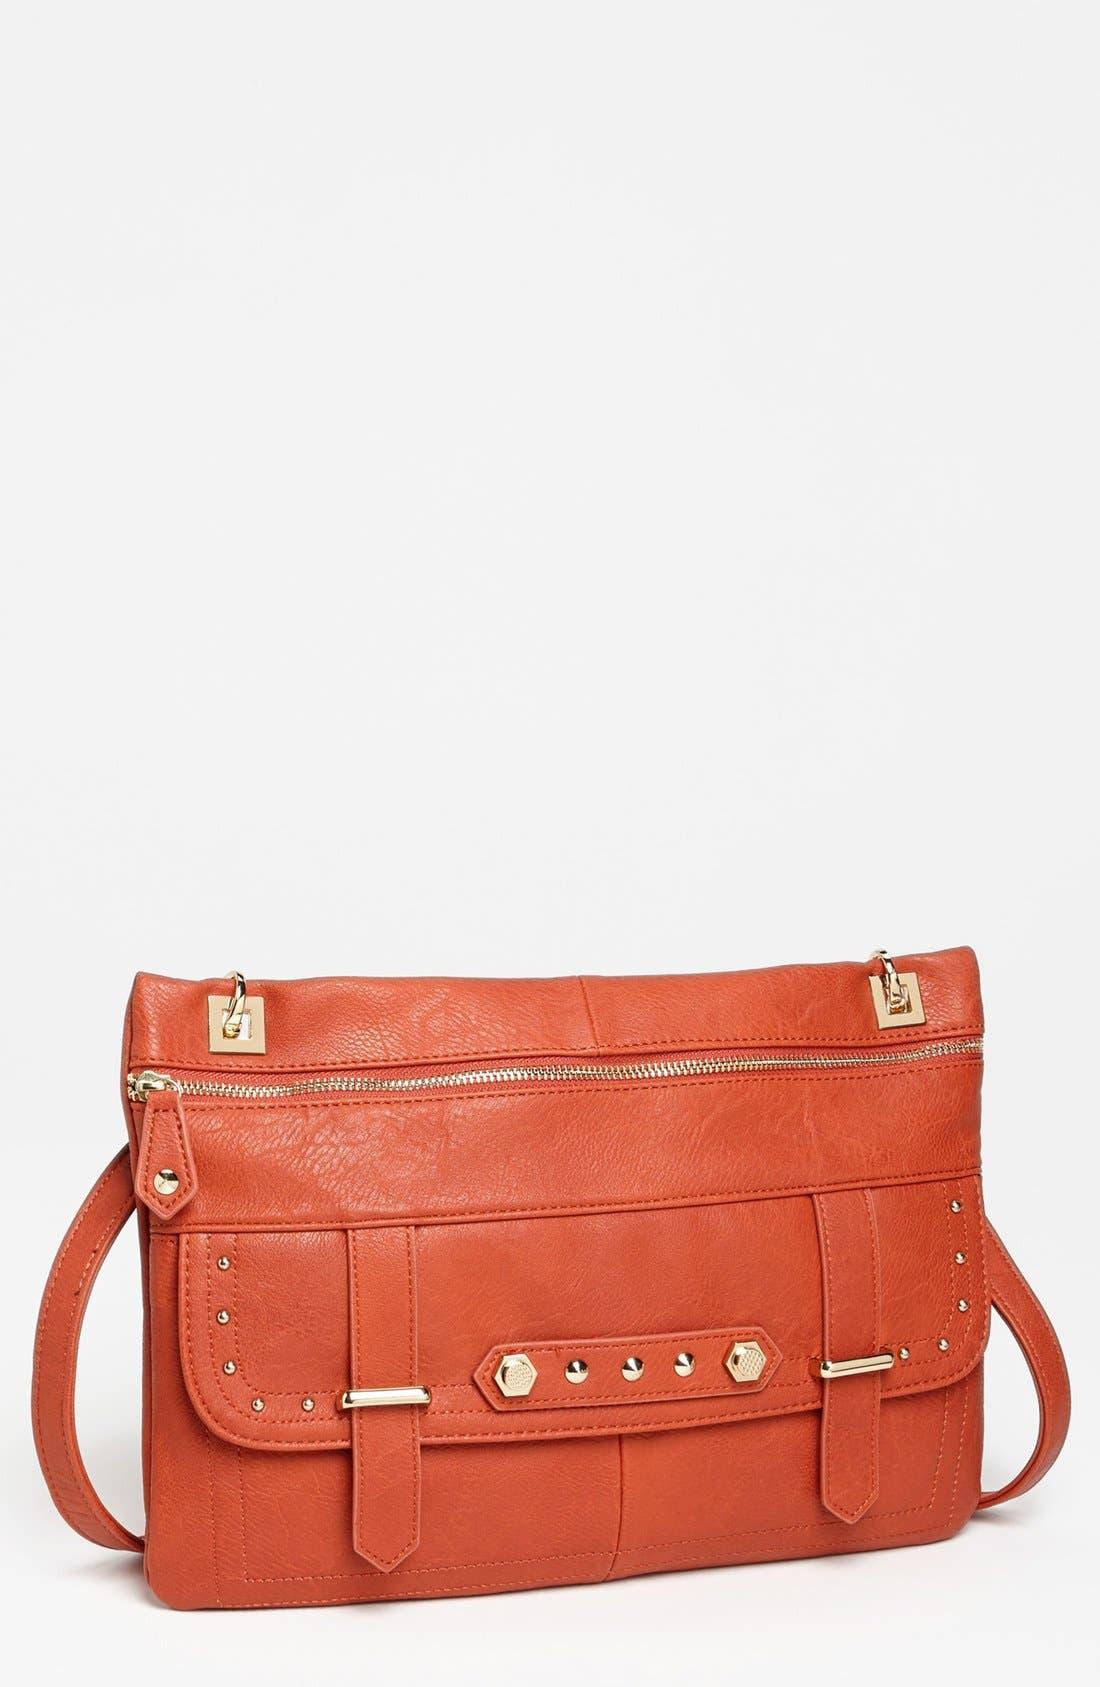 Main Image - Danielle Nicole 'Collette' Shoulder Bag